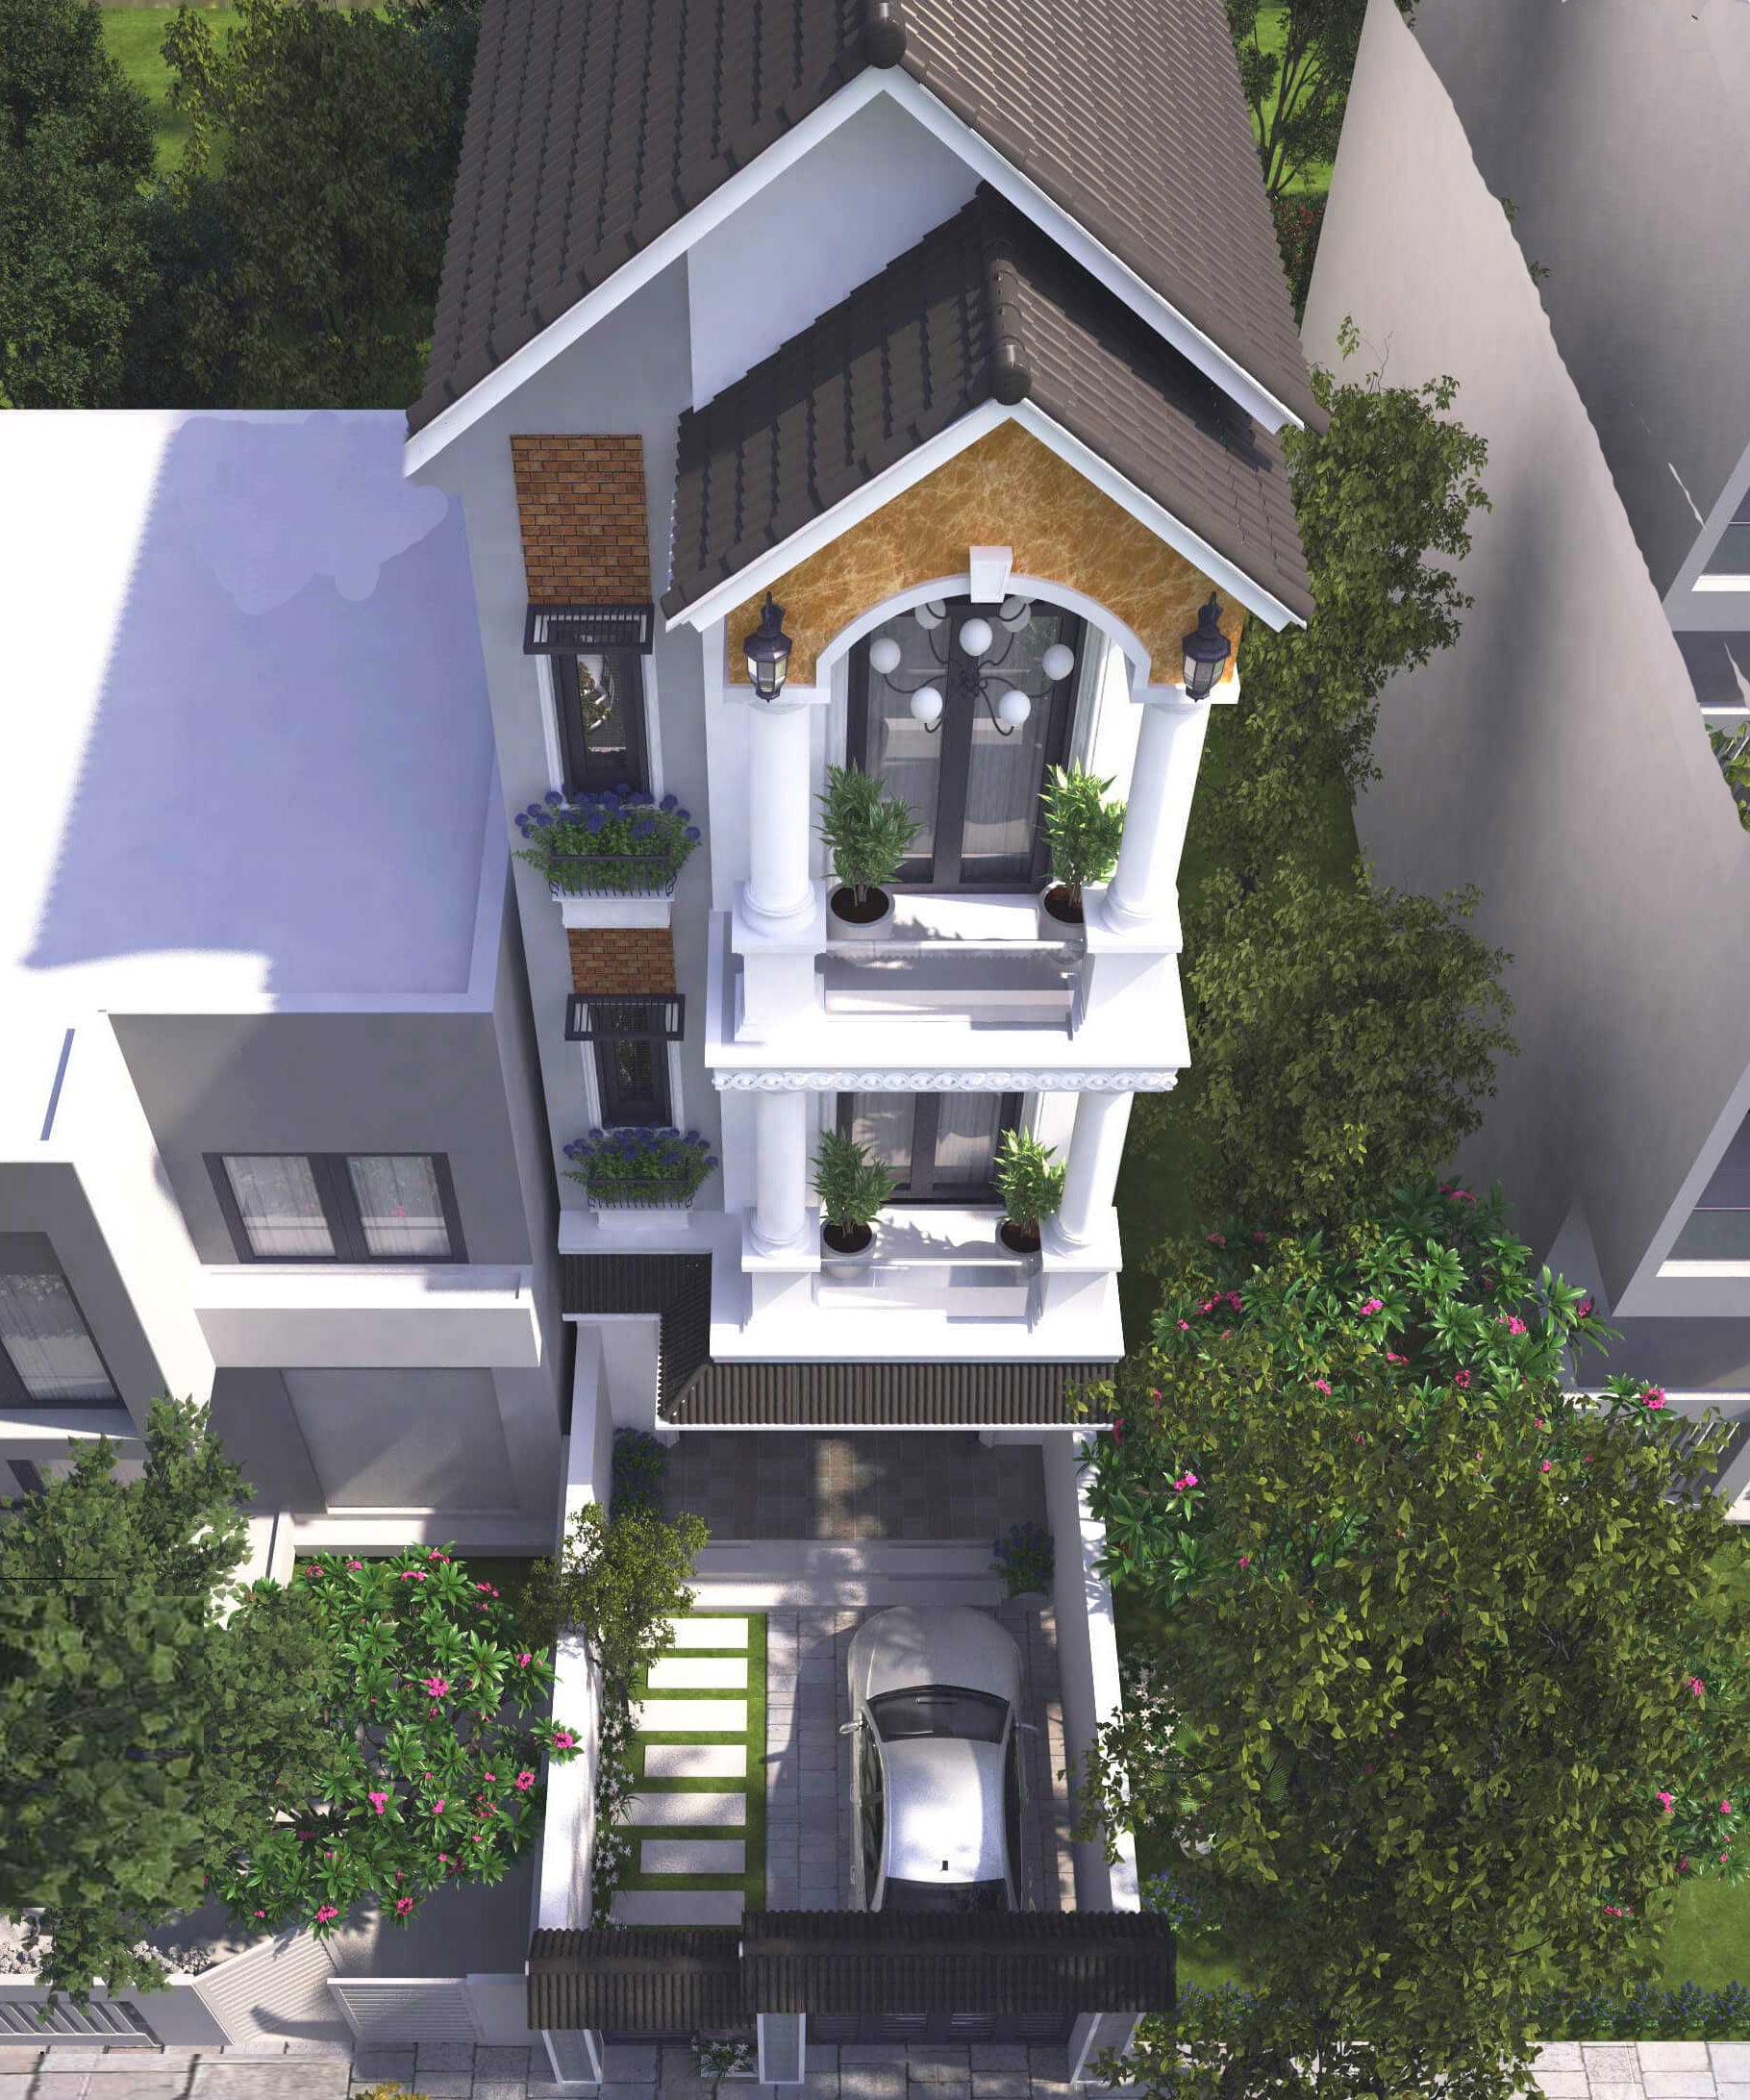 Bộ sưu tập các mẫu thiết kế nhà phố kiểu pháp sang trọng